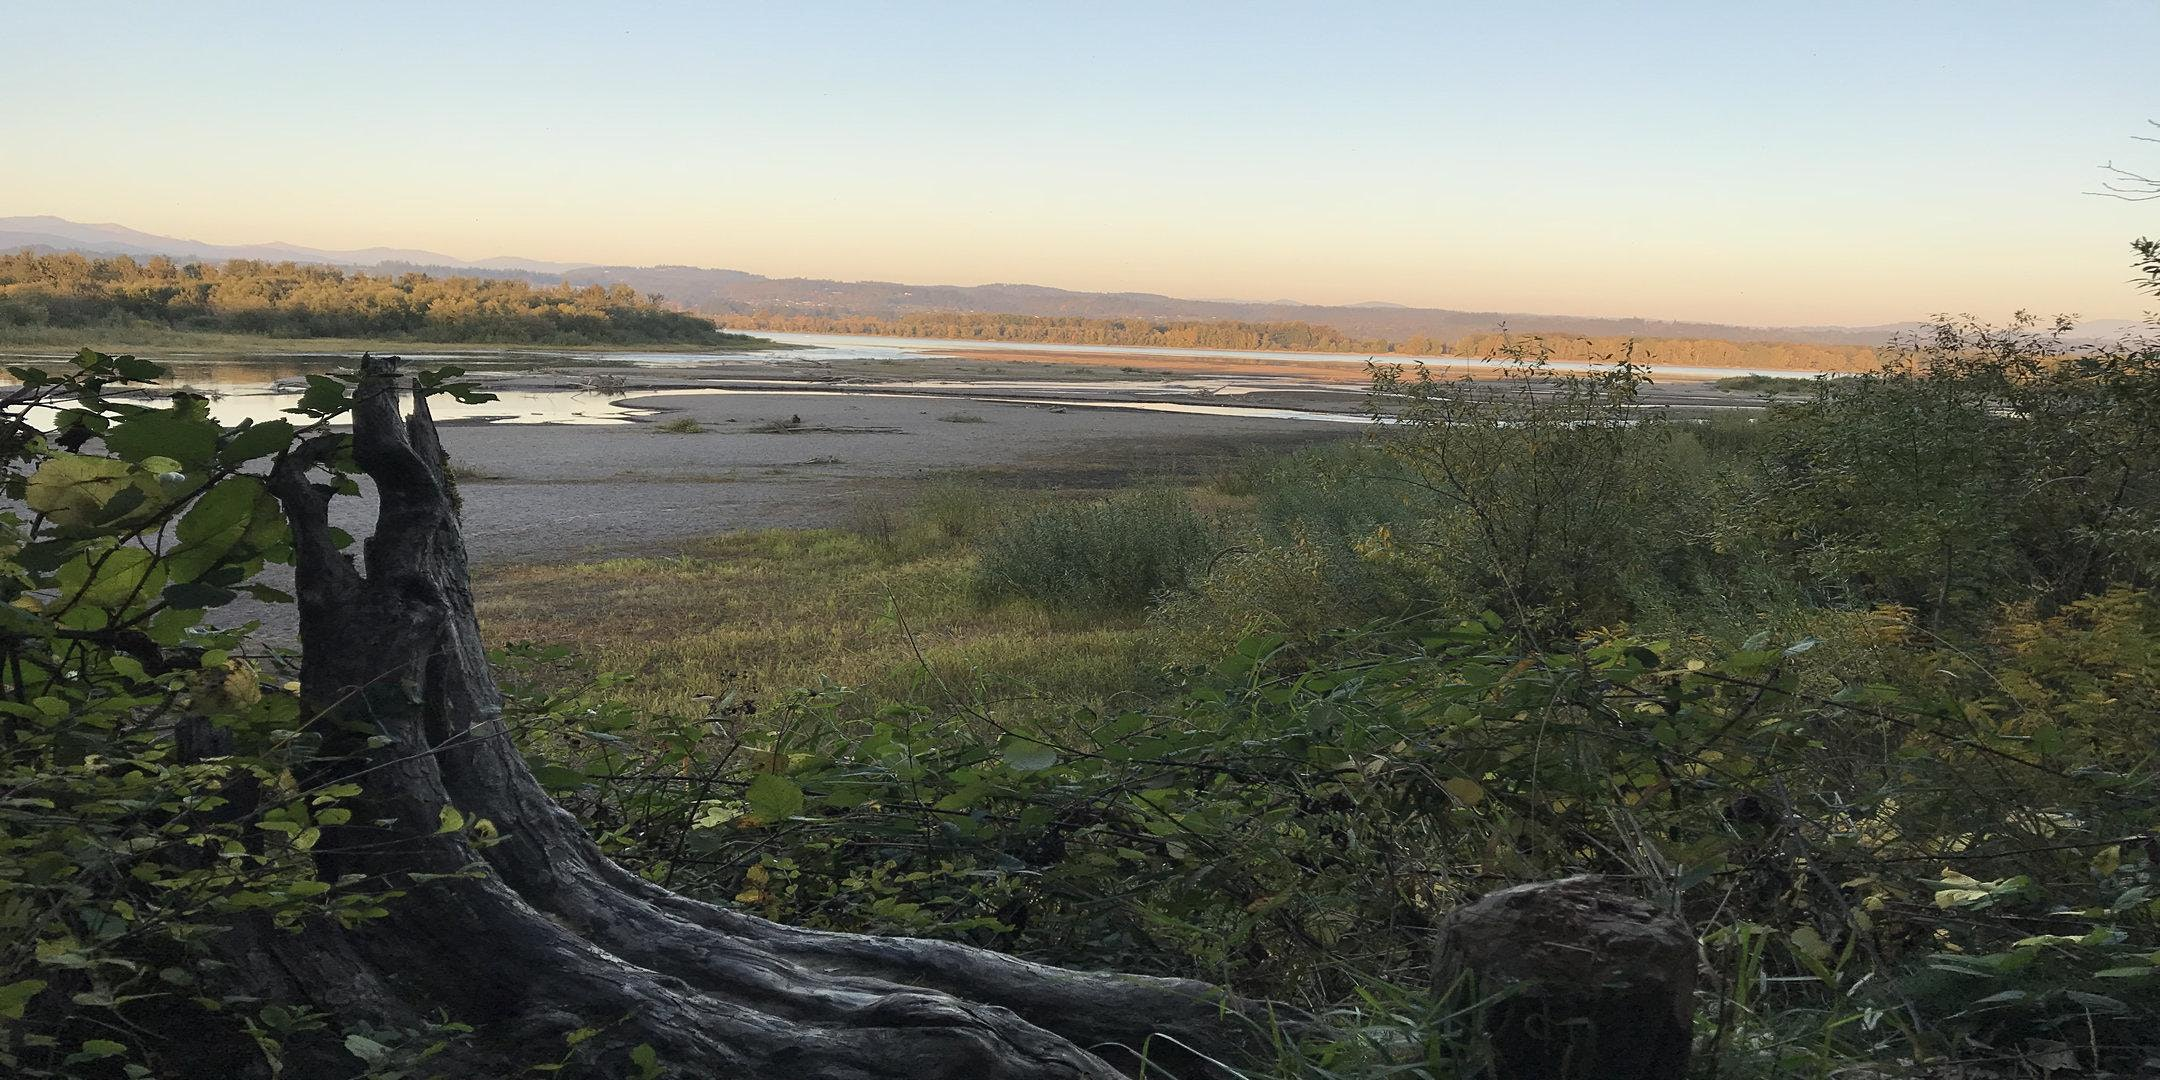 CANCELED: Sandy River Delta Evening Walk, OR